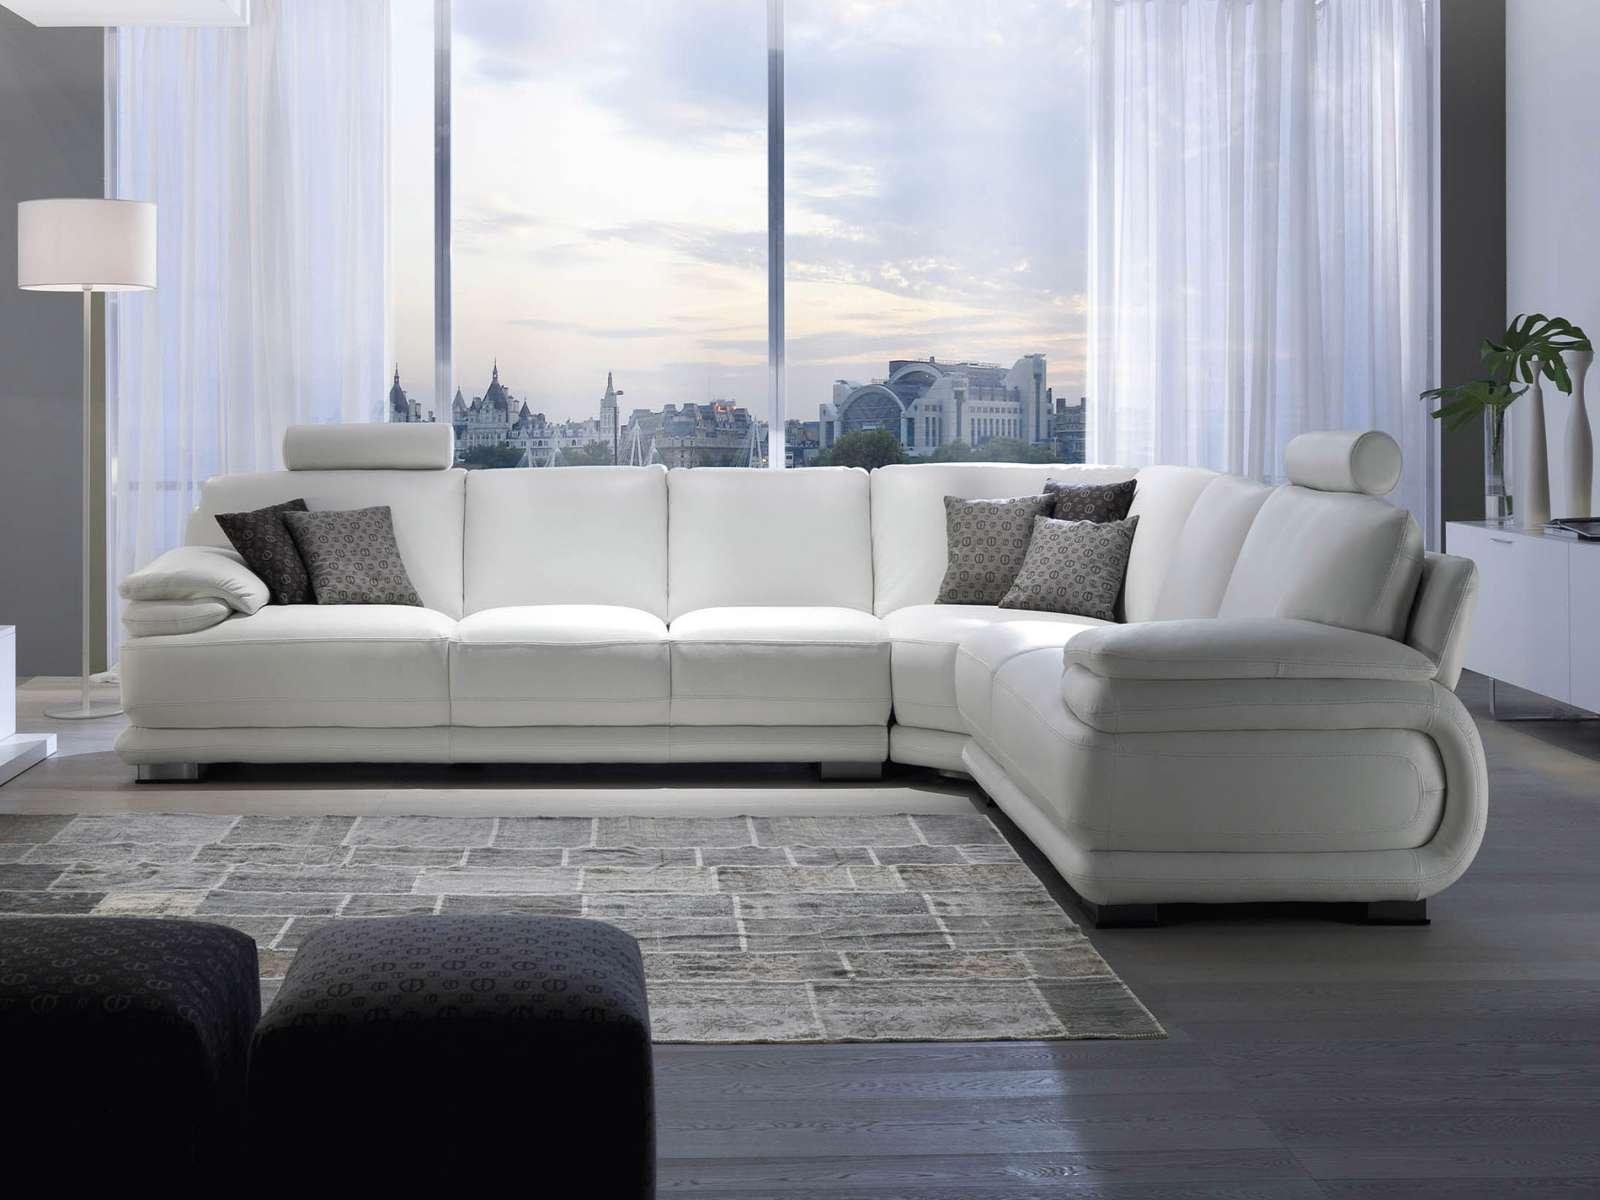 Sofa da màu trắng sang trọng và thoáng mát